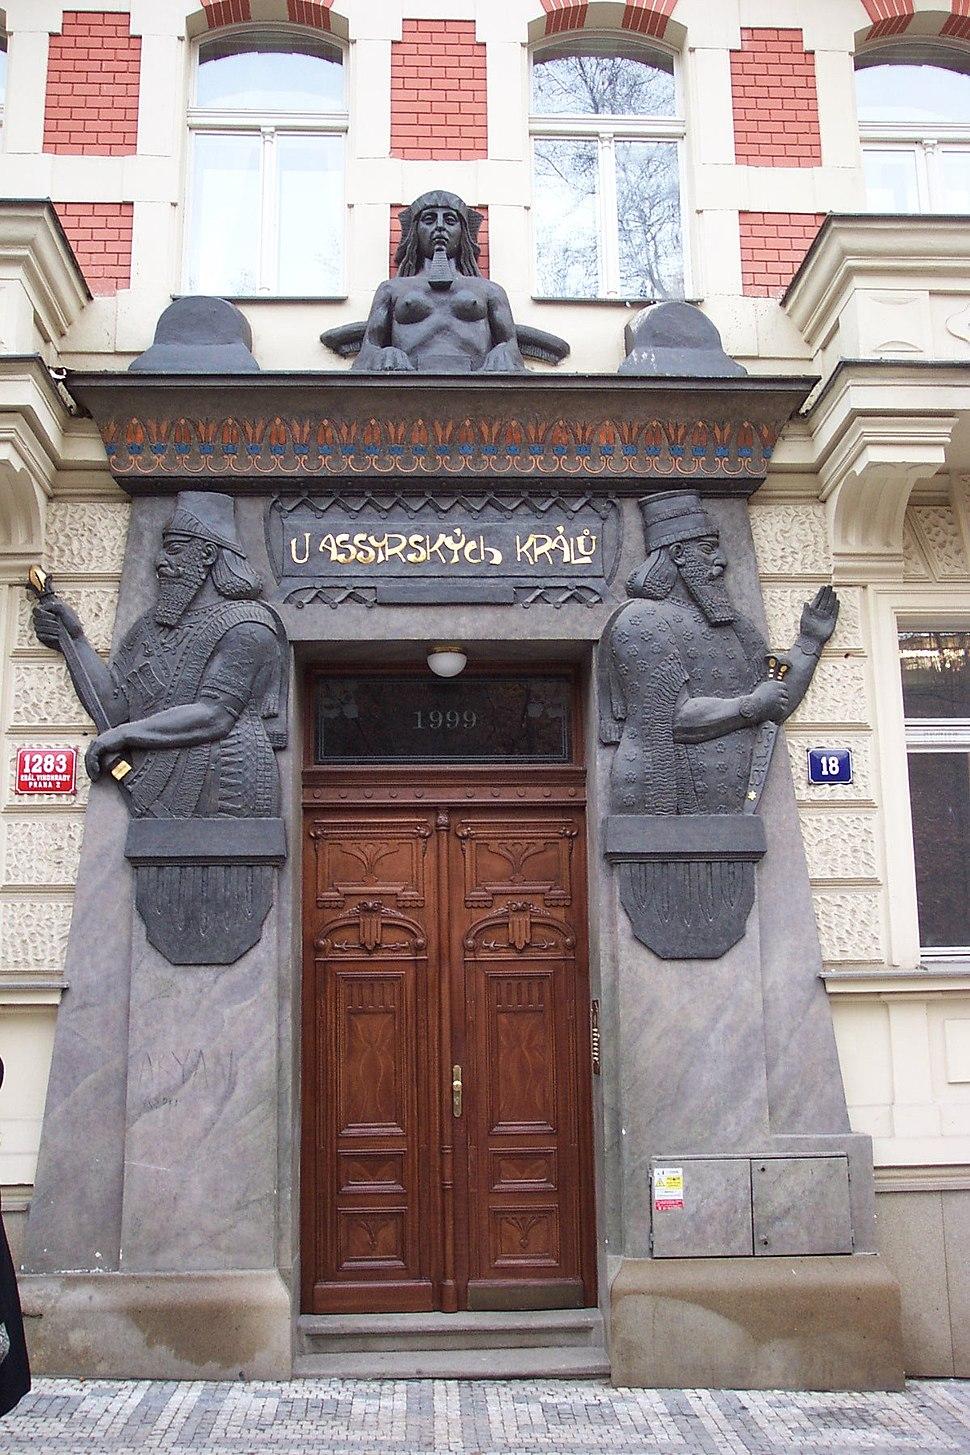 Praha-Vinohrady, Polská 18, U assyrských králů